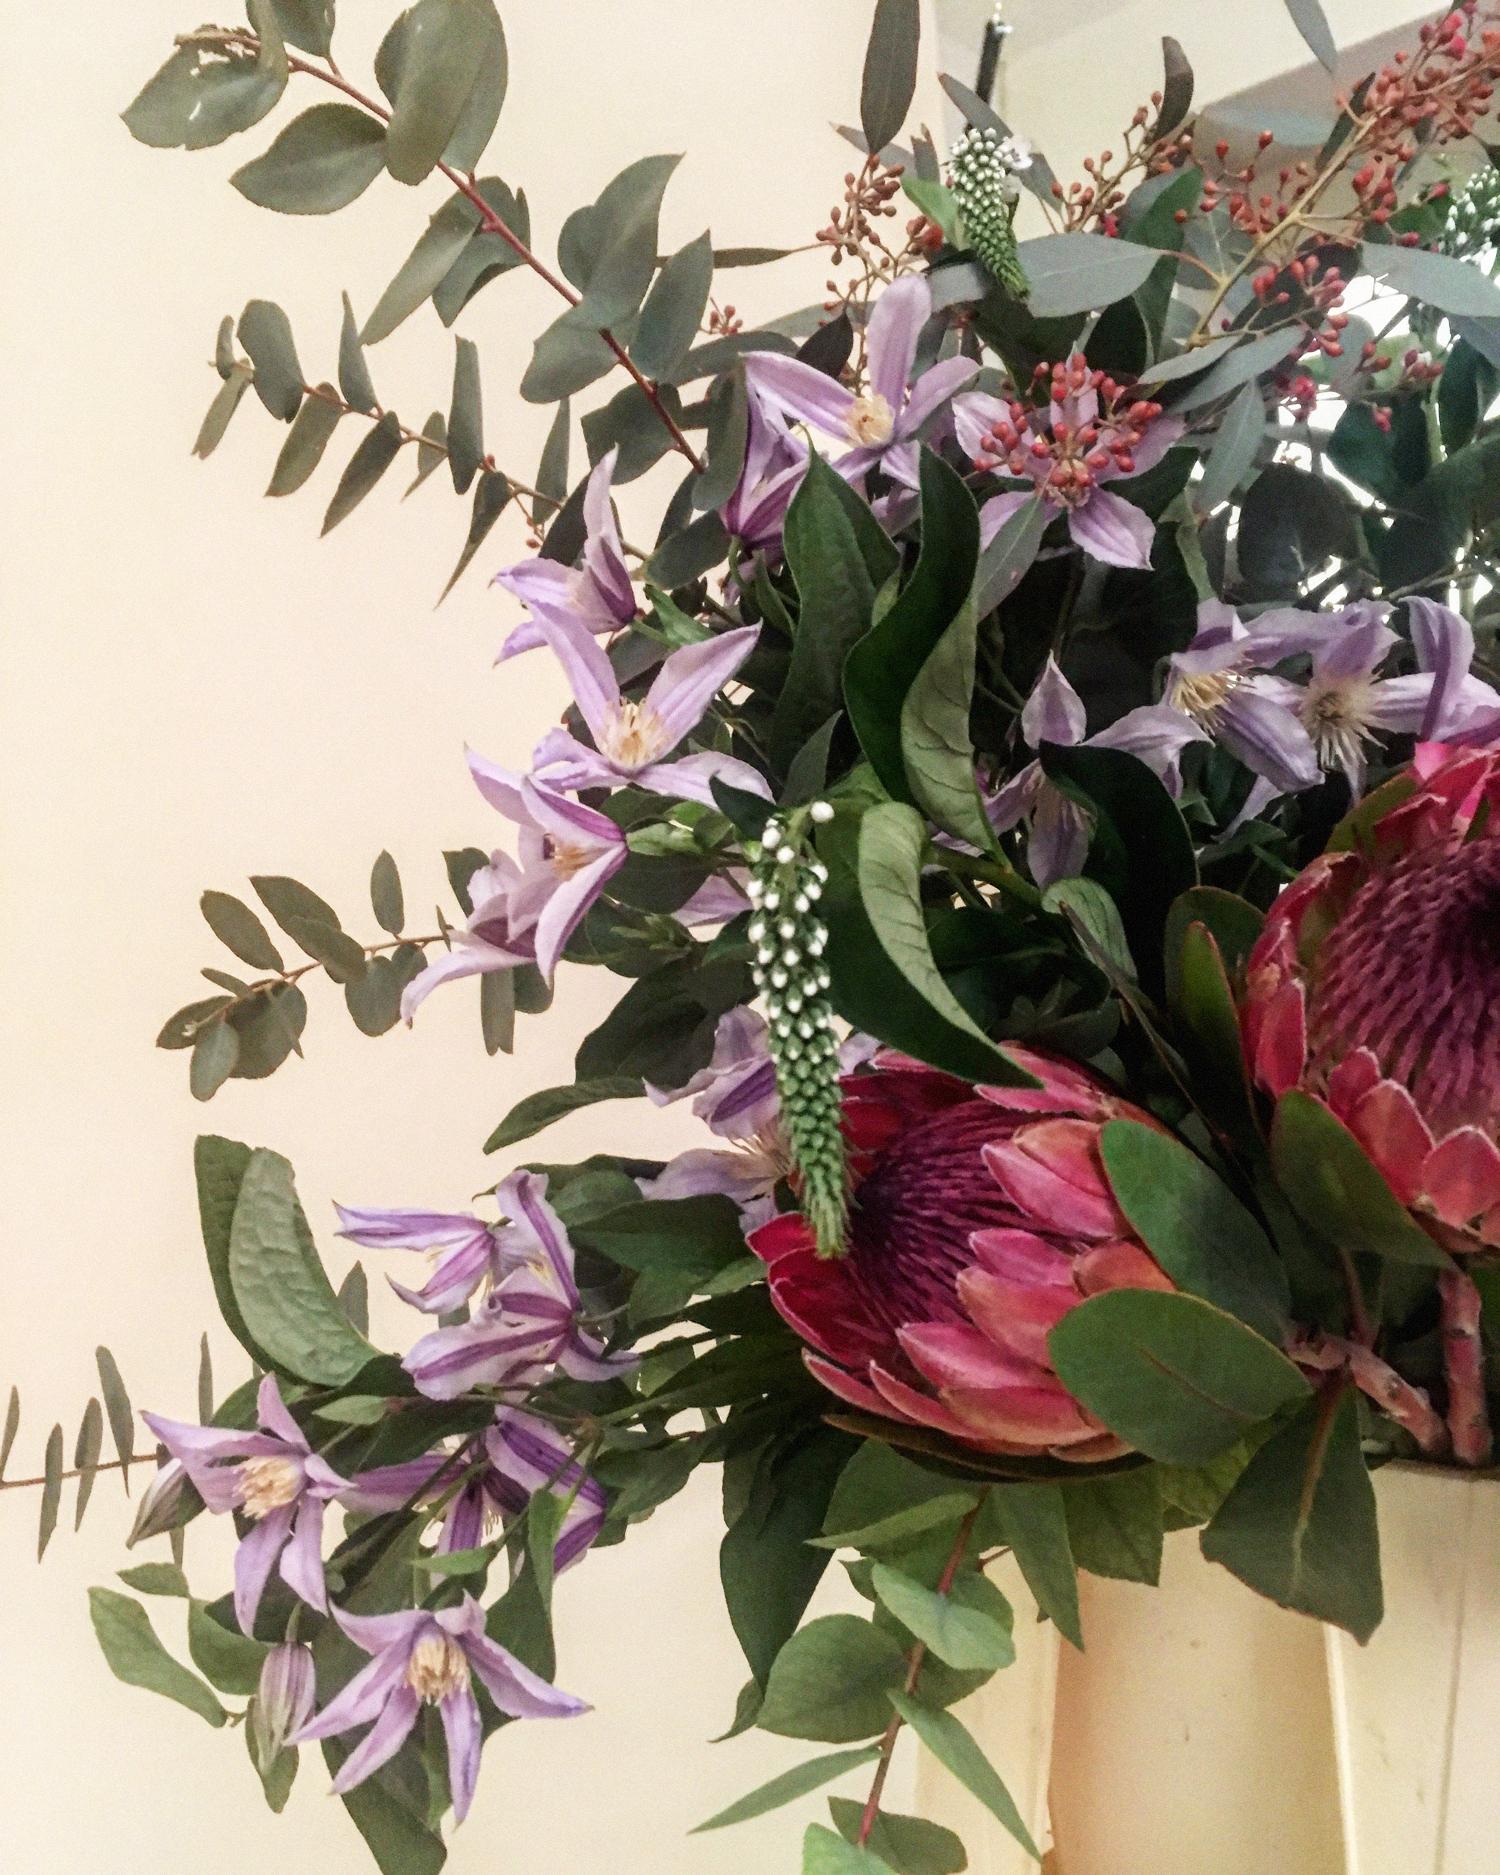 Séléction fleurs - Clotilde & Alexis